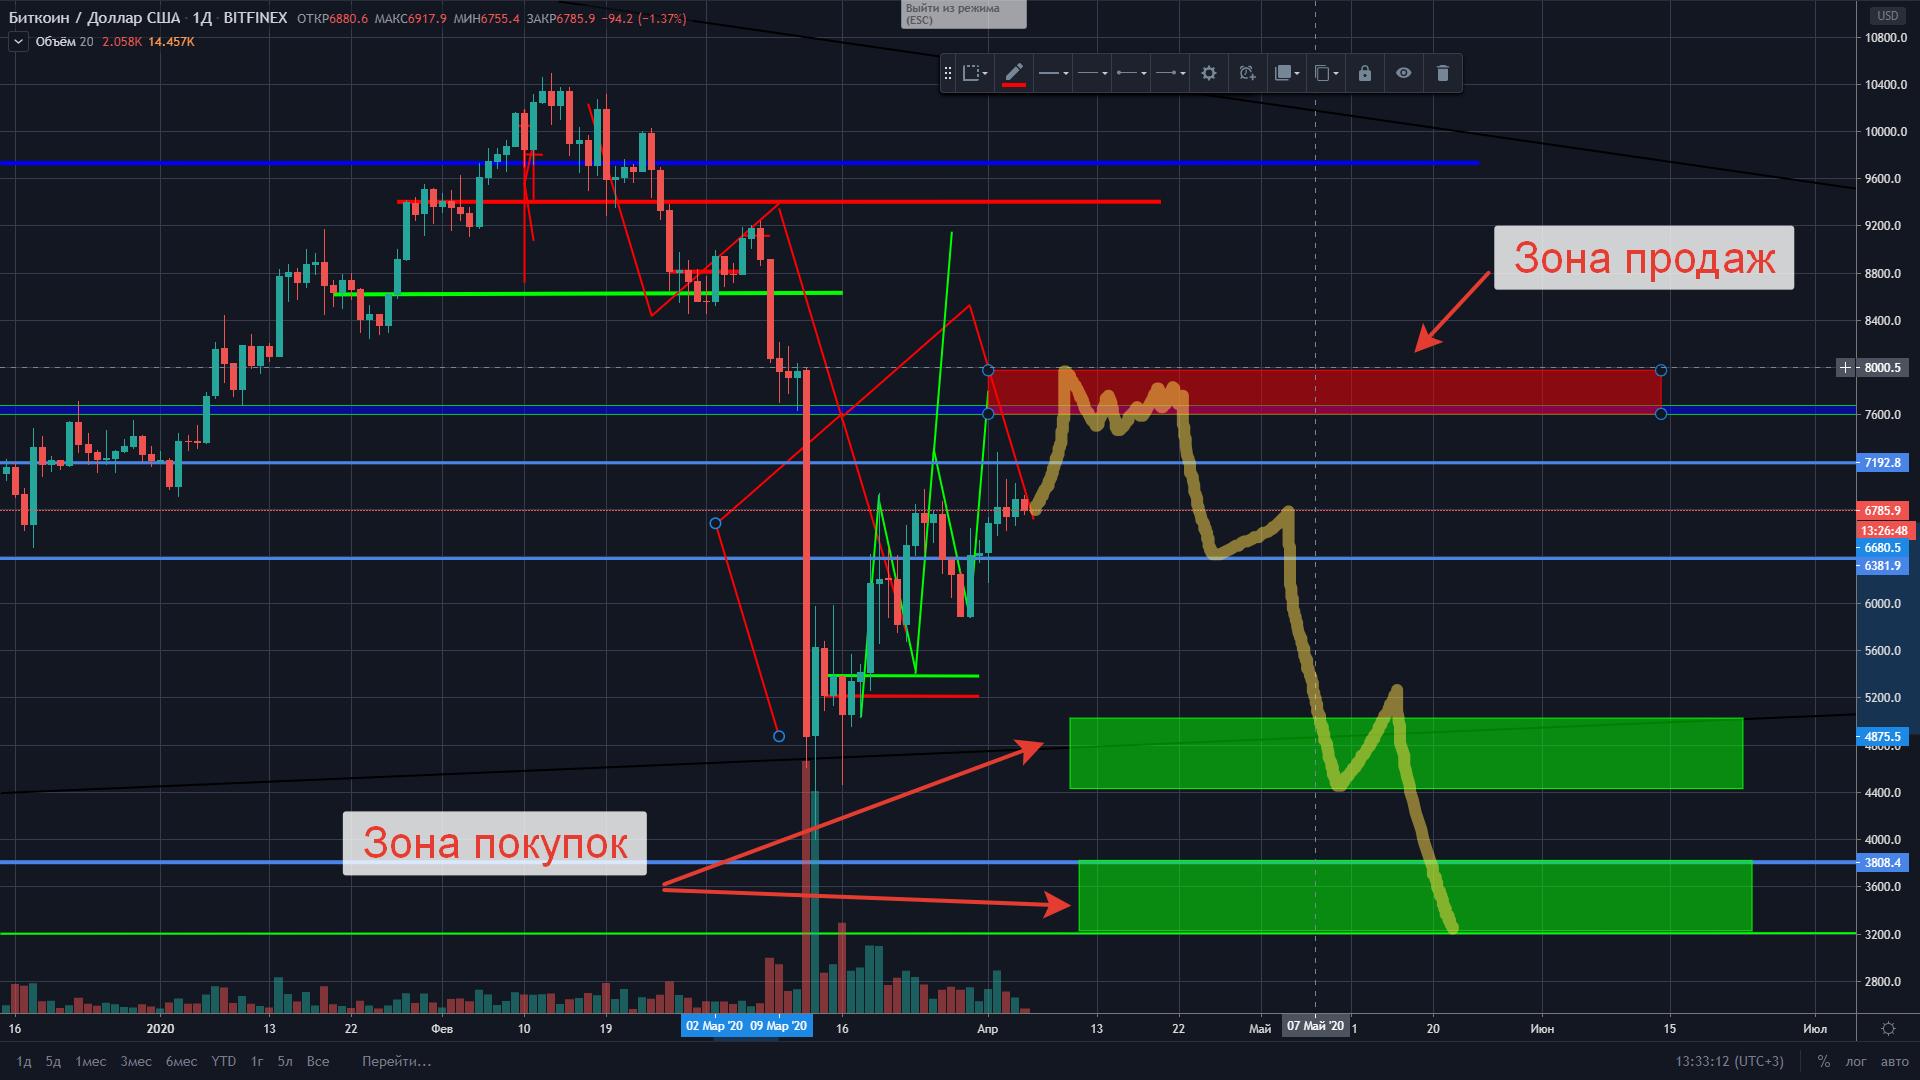 BTC prognoz ceny 05.04.2020